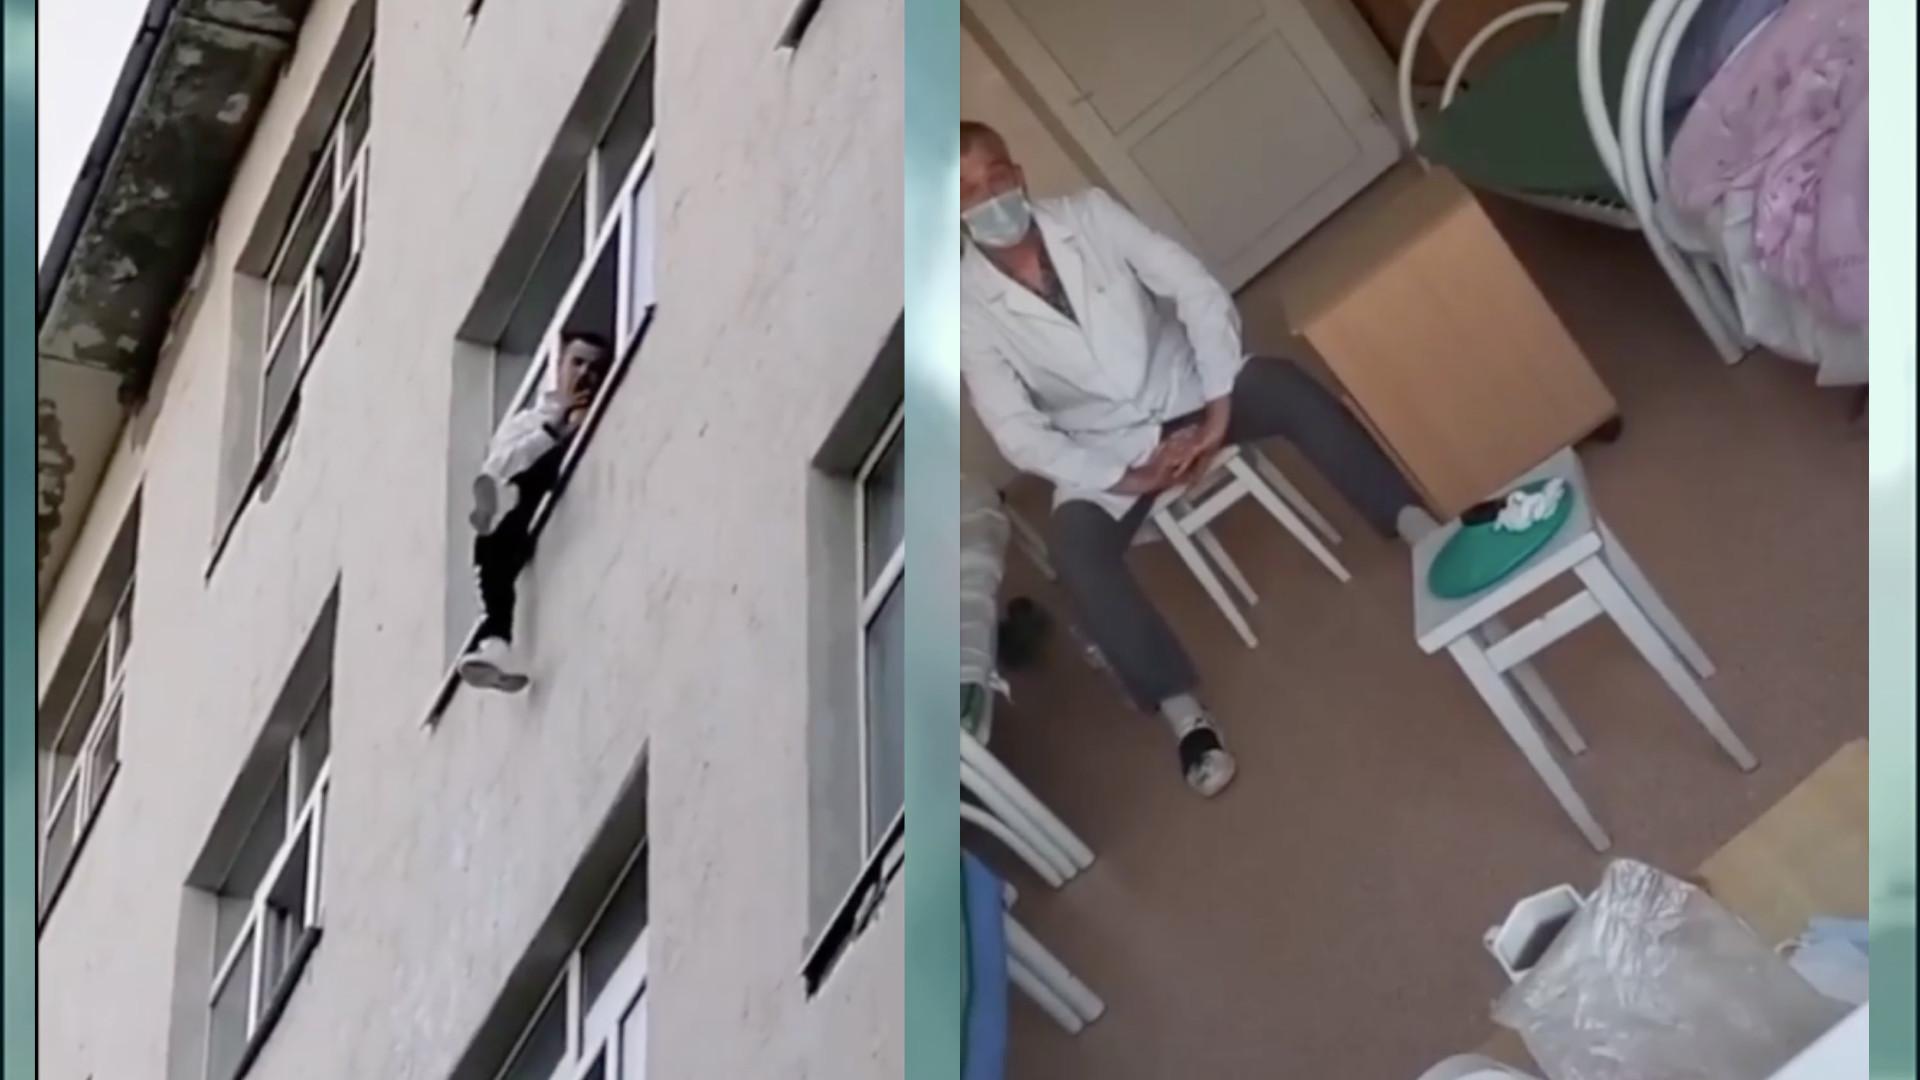 «Сказал, что убьёт всех из-за жены»: мужчина ворвался в больницу и угрожал выброситься из окна